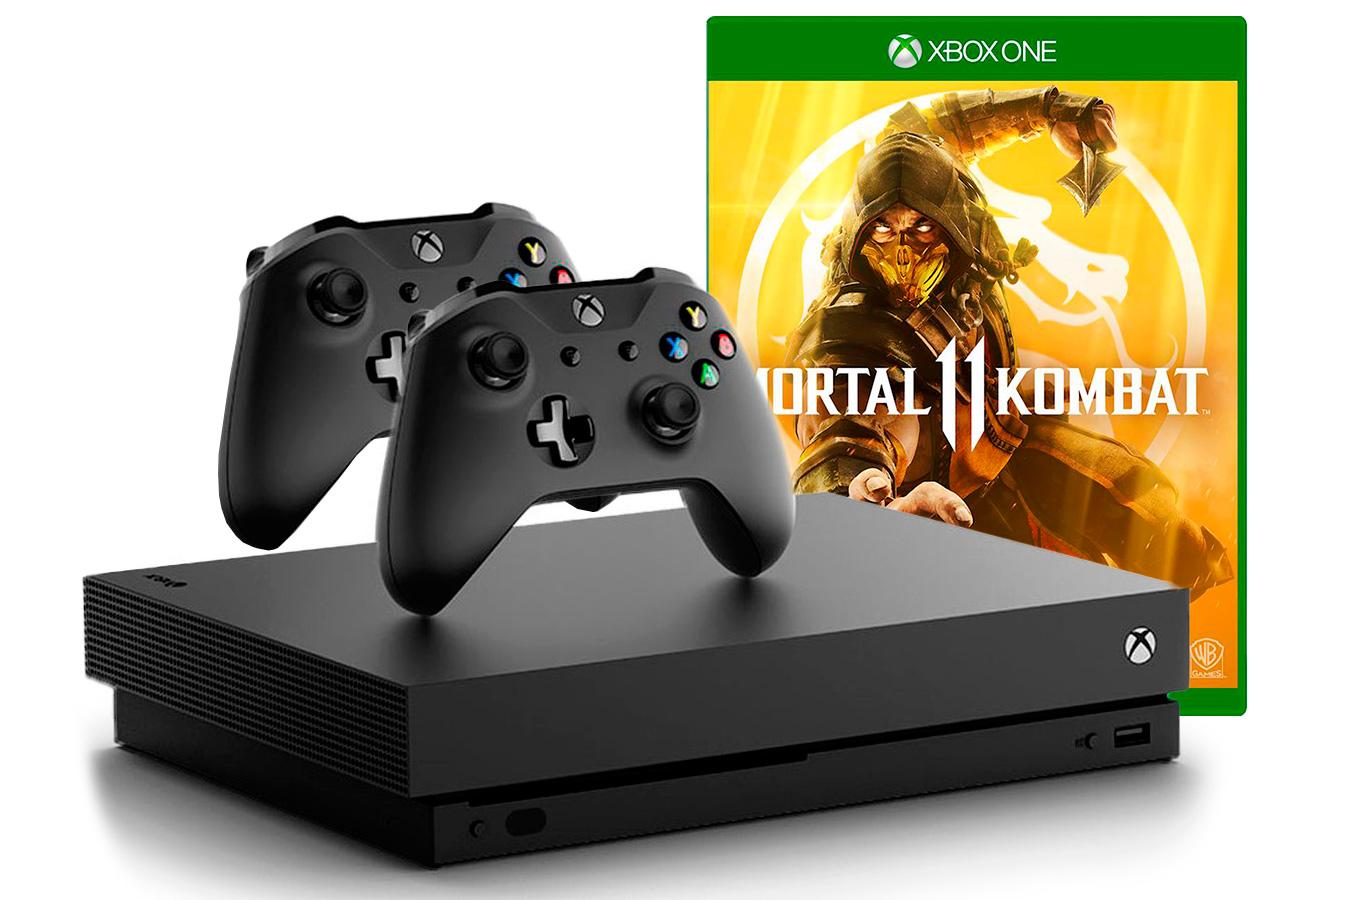 Xbox One X игра Mortal Kombat 11 и 2 джойстика [XXO12M11]